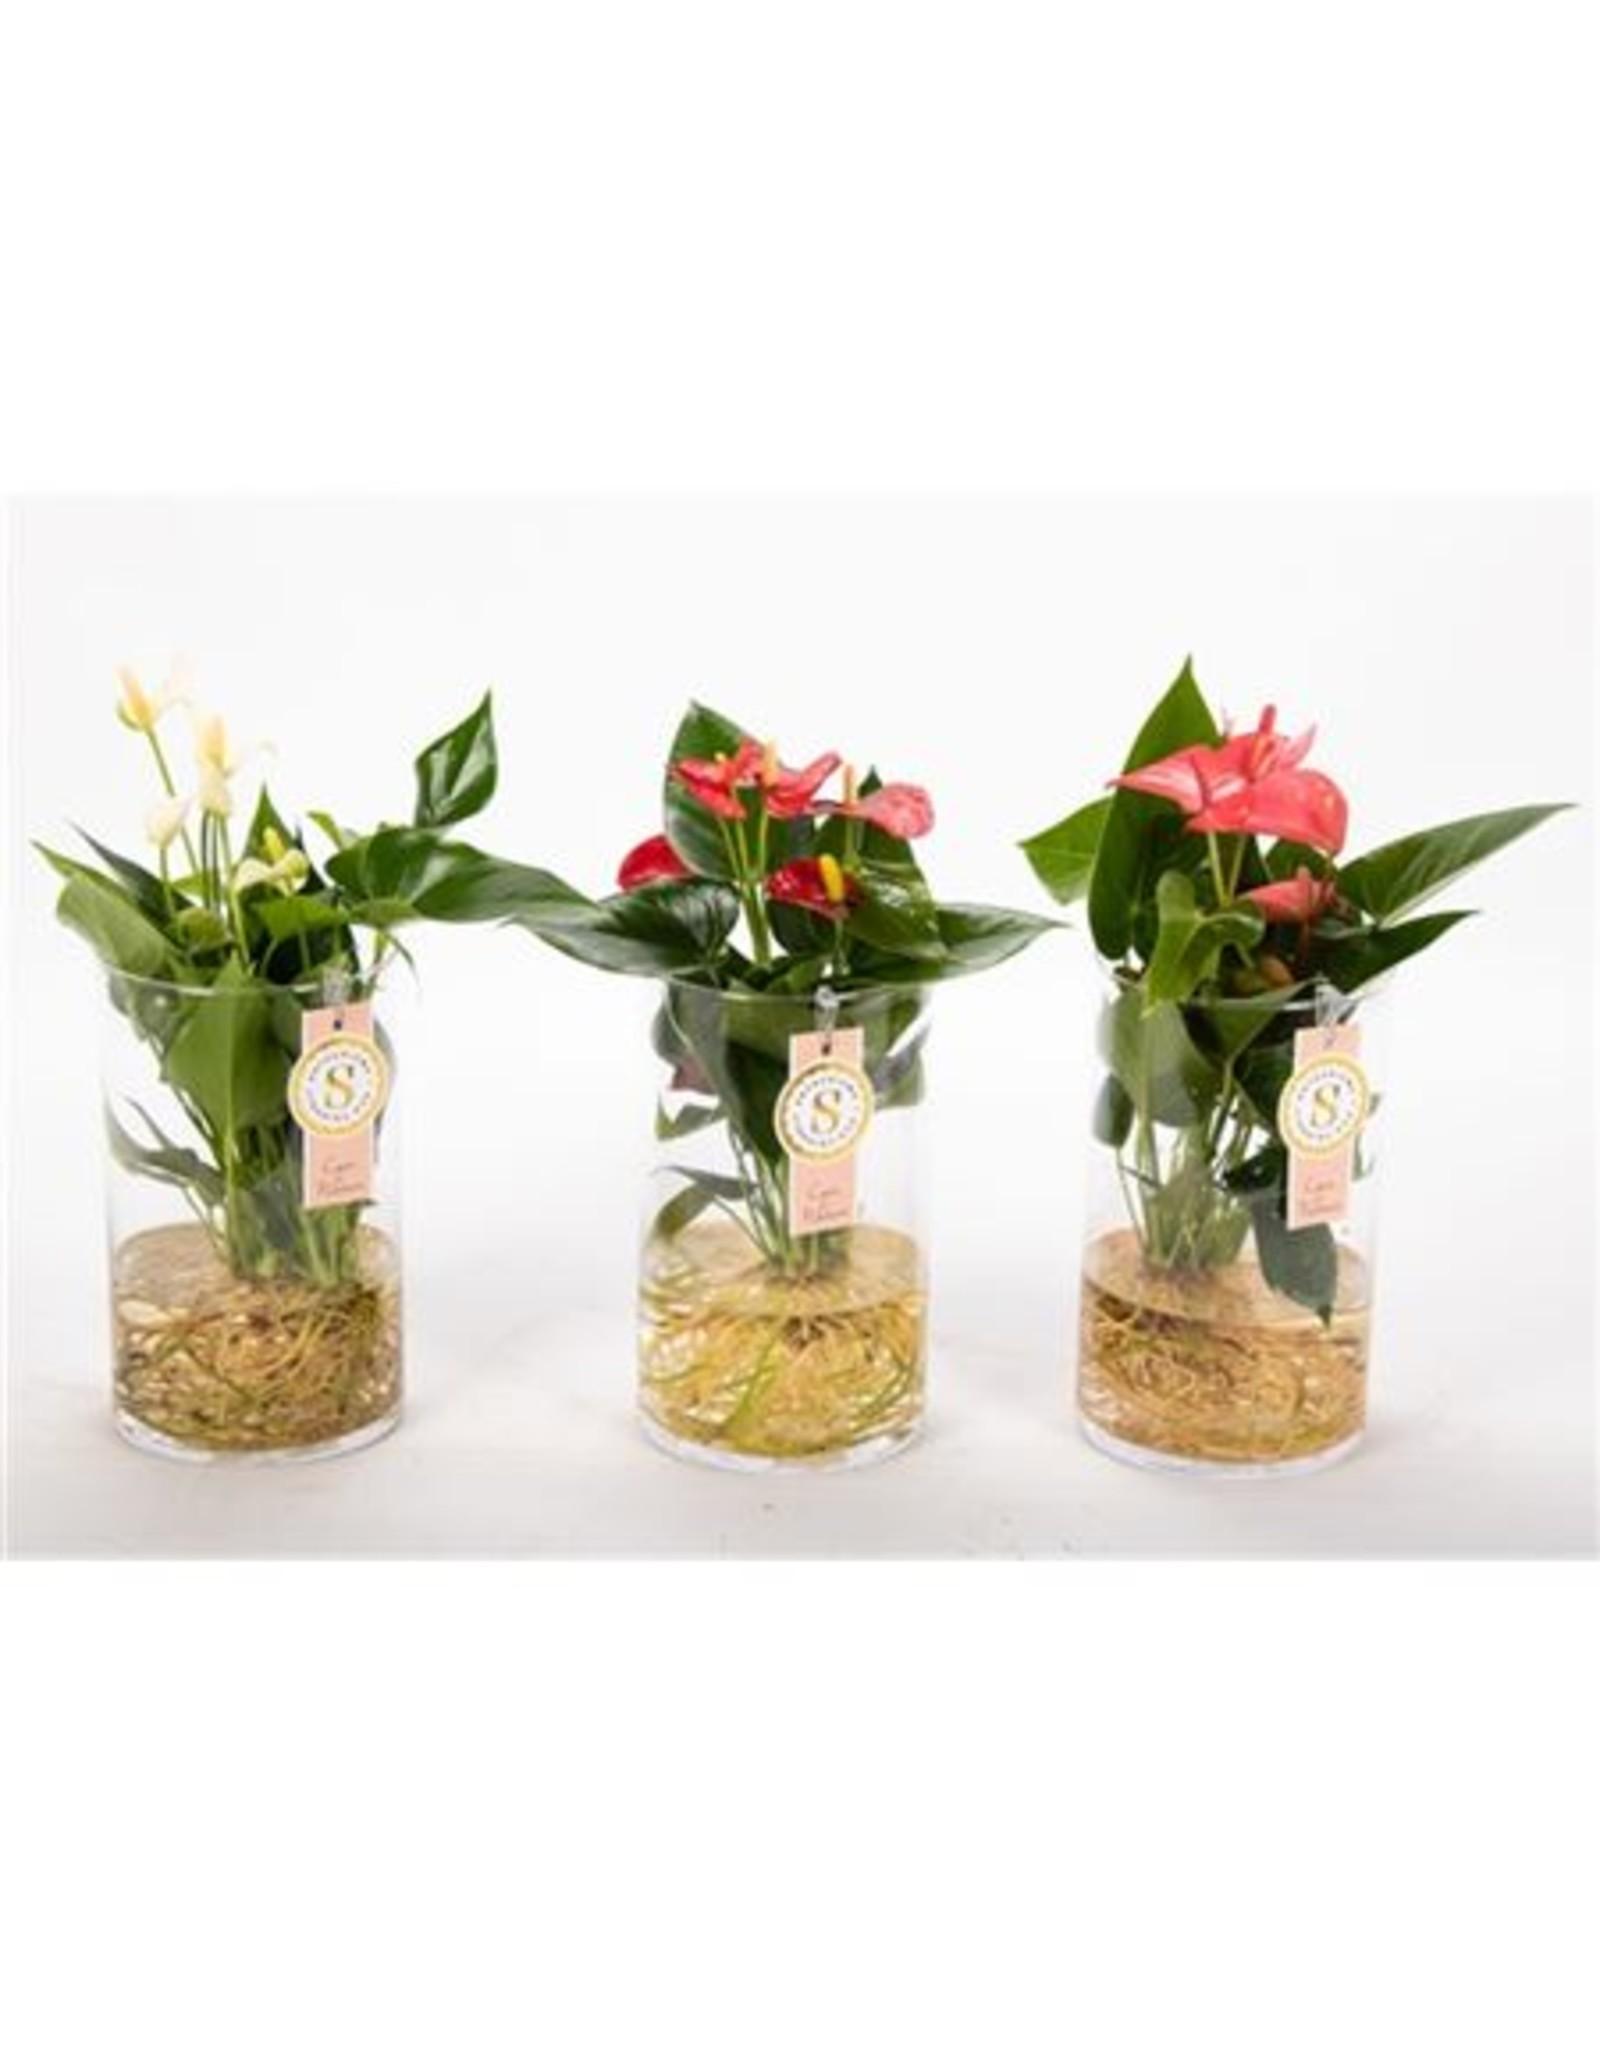 VDP Anth St Gemengd Glas Aqua Roots x 3